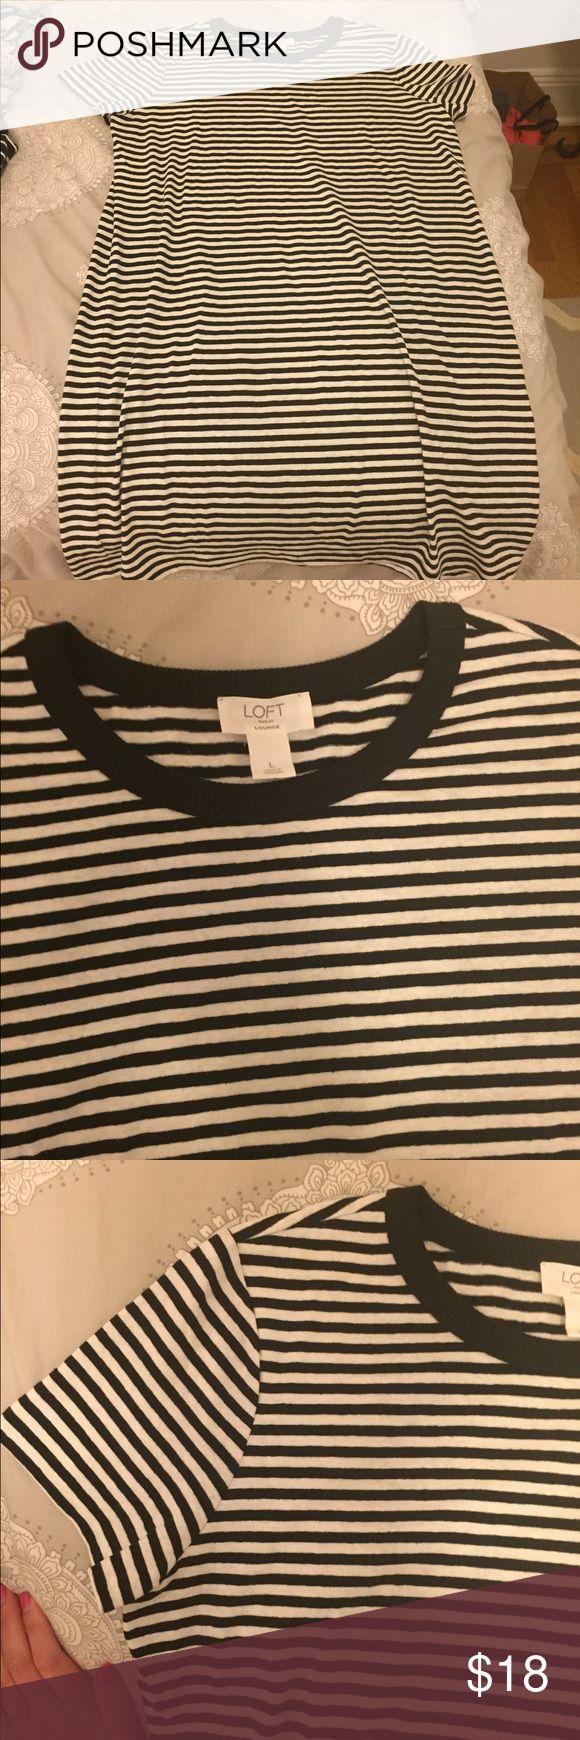 Top 25+ best T shirt outlet ideas on Pinterest | T shirt store, T ...